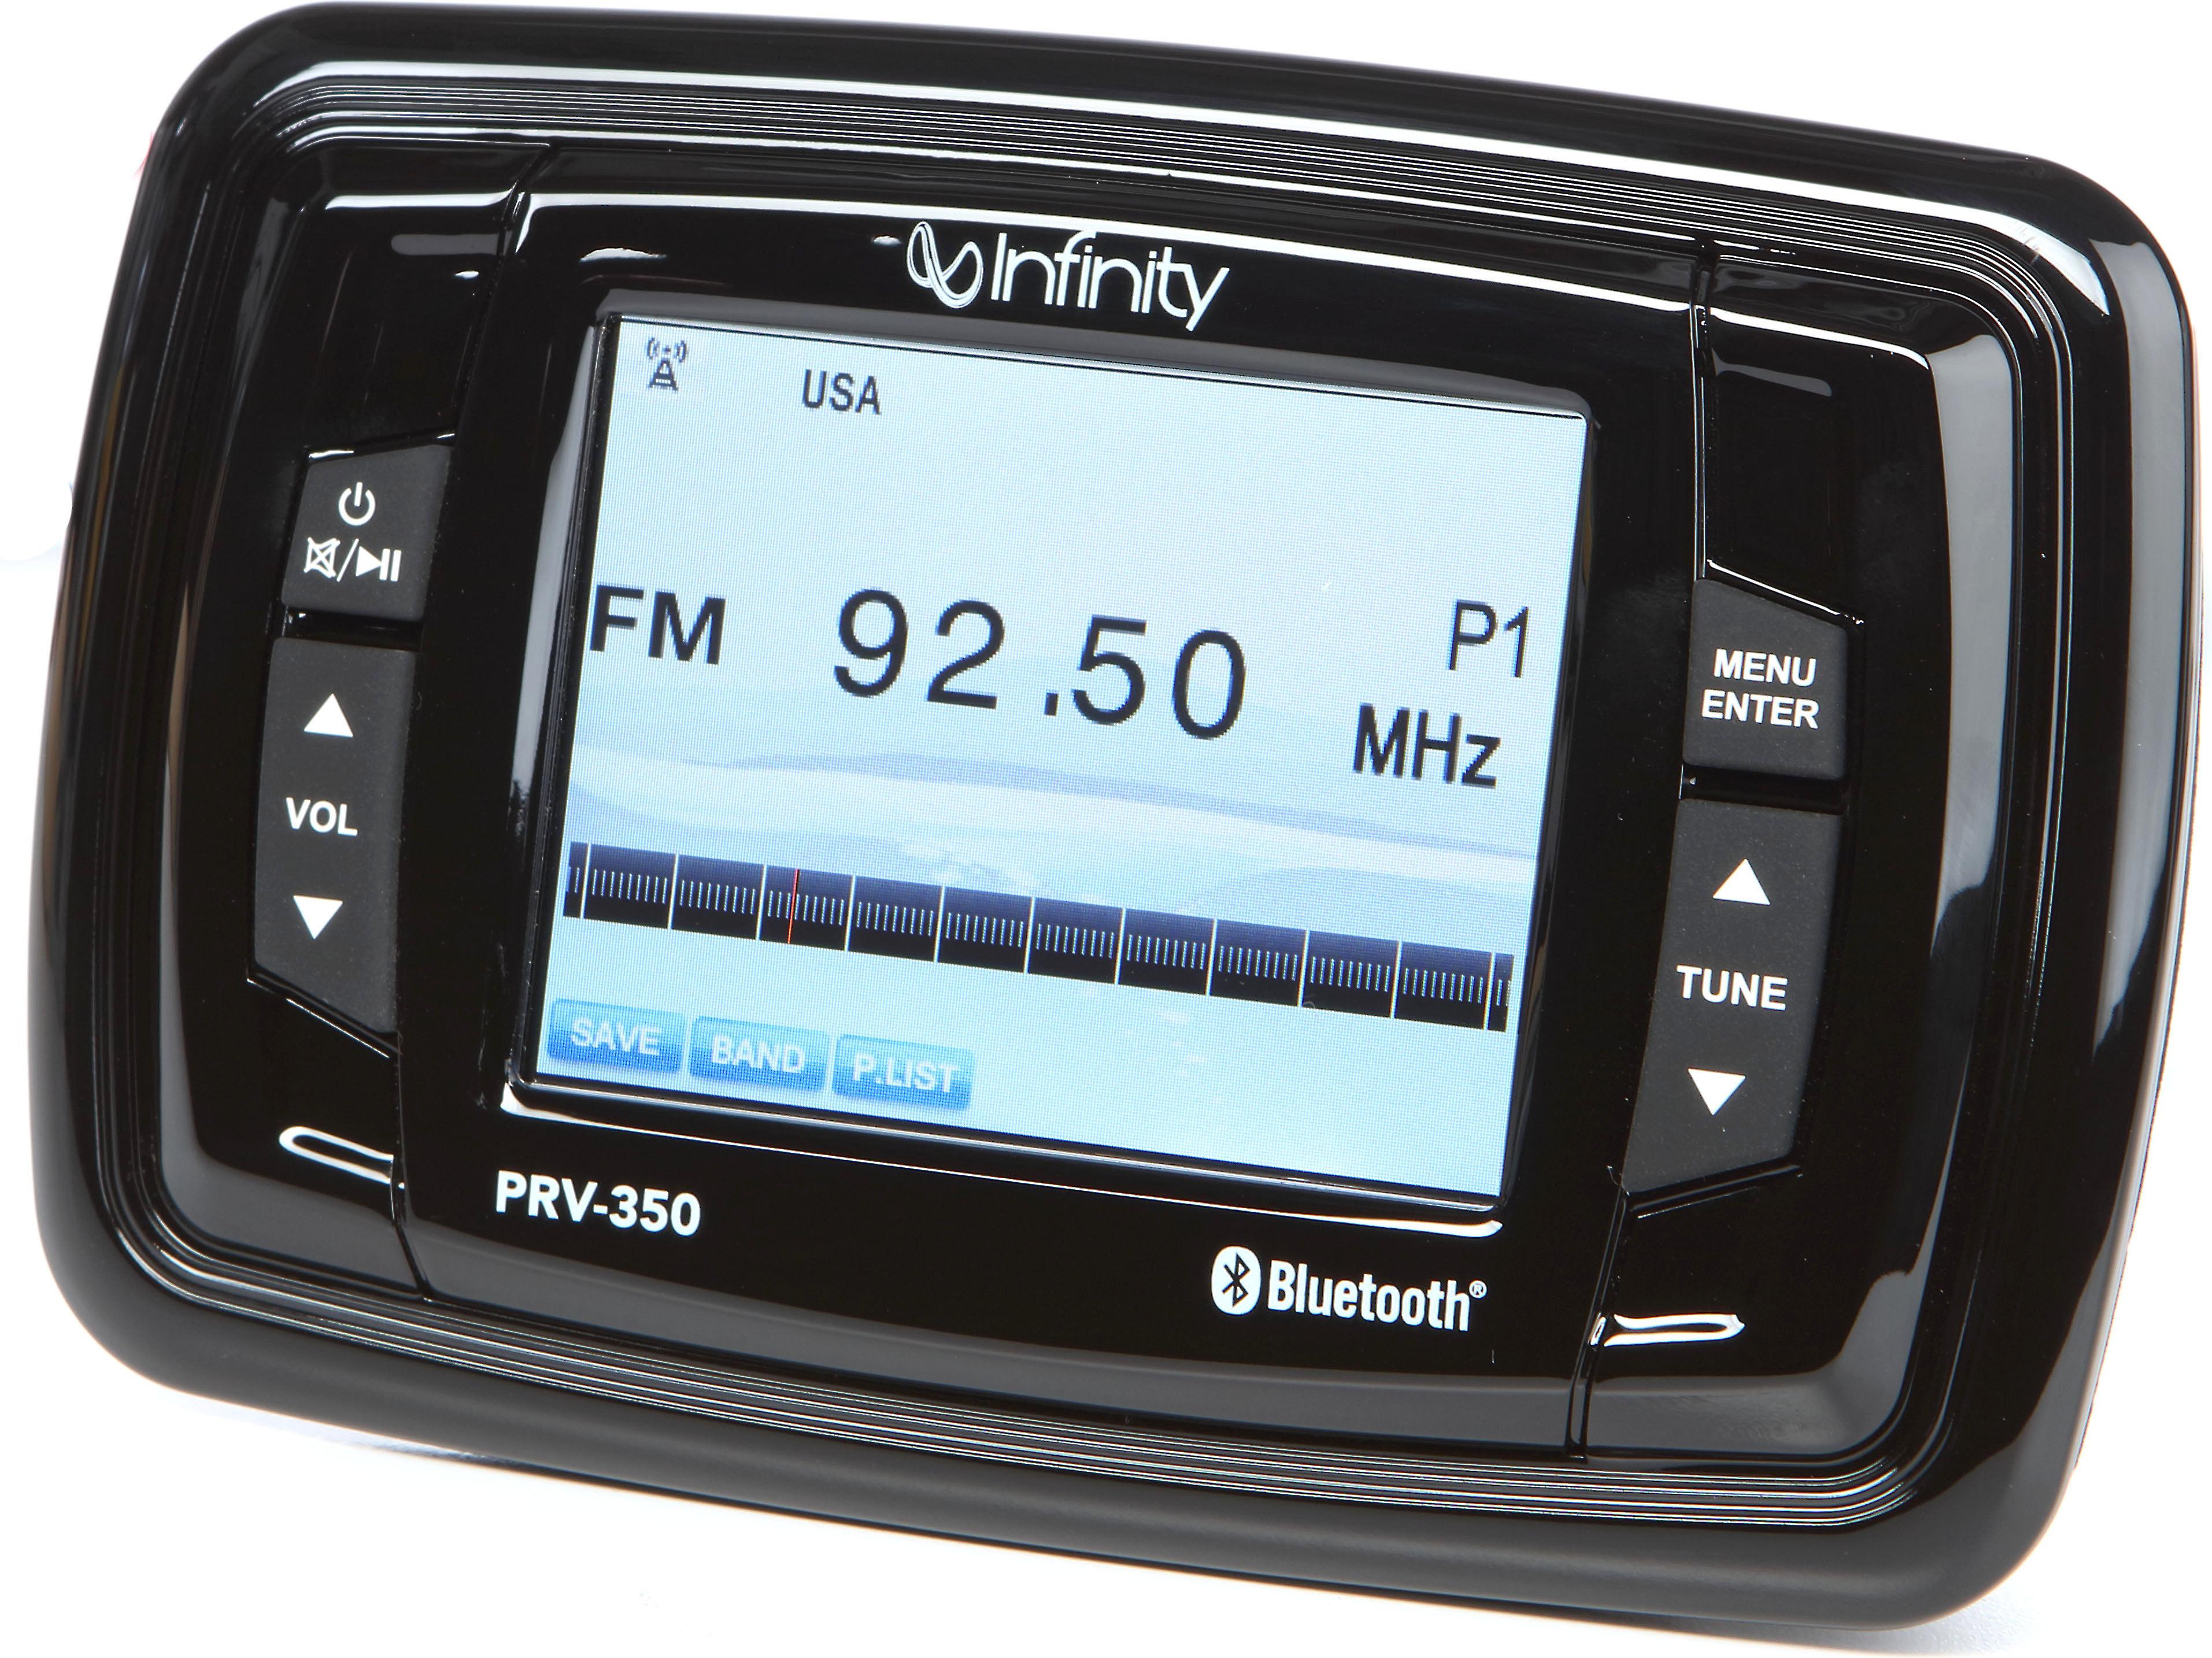 Prospec Boat Digital Stereo Receiver INF-PRV350Infinity 3.5 Inch